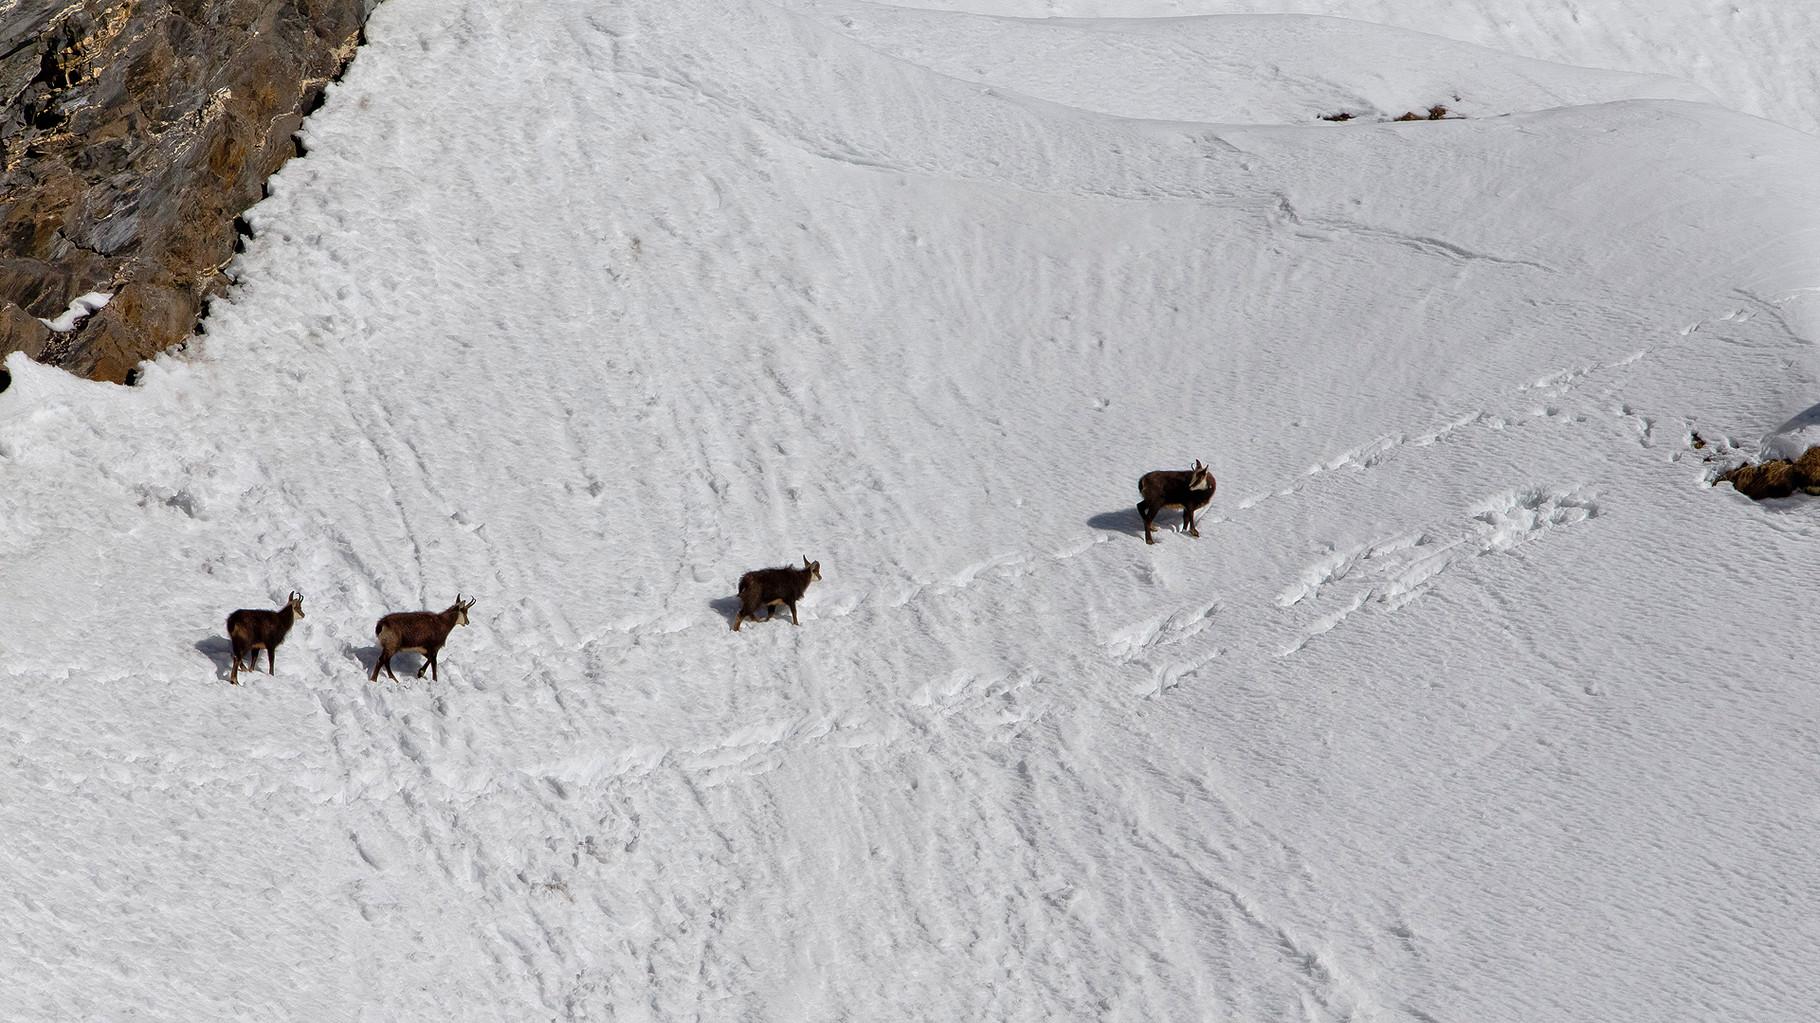 Eine Gruppe Gemsen quert einen steilen Schneehang